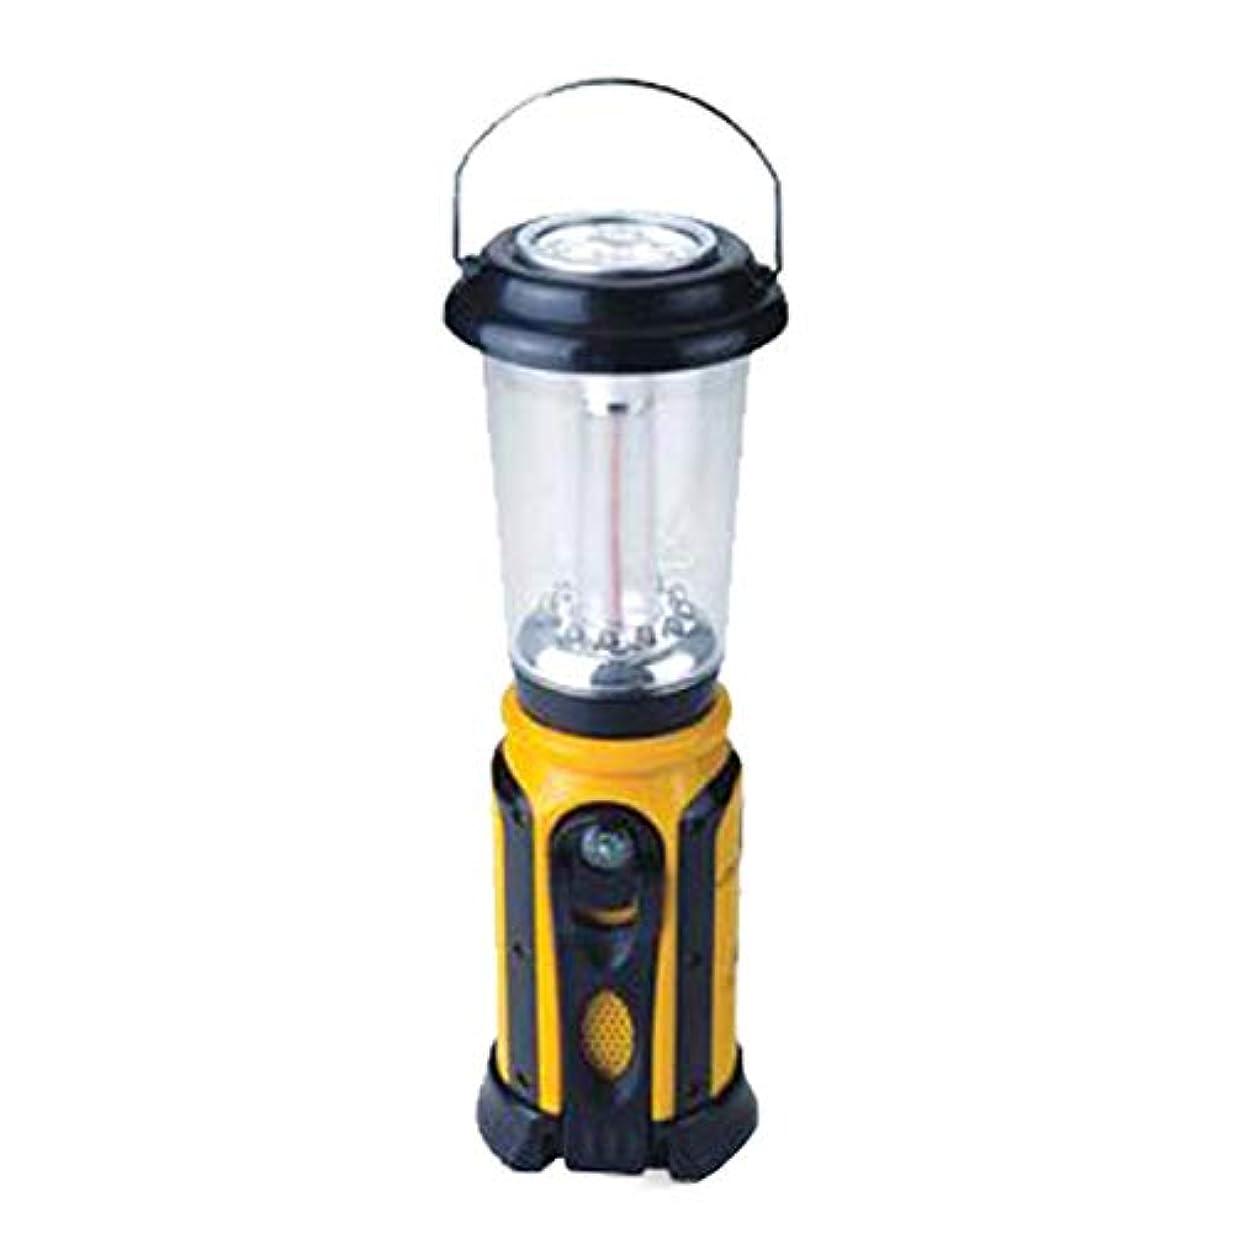 磨かれた光目を覚ます電光ホーム マルチランタン 電池不要(携帯充電機能付き)ラジオ、サイレン、虫よけ、コンパスなど防災に役立つ多機能ライト